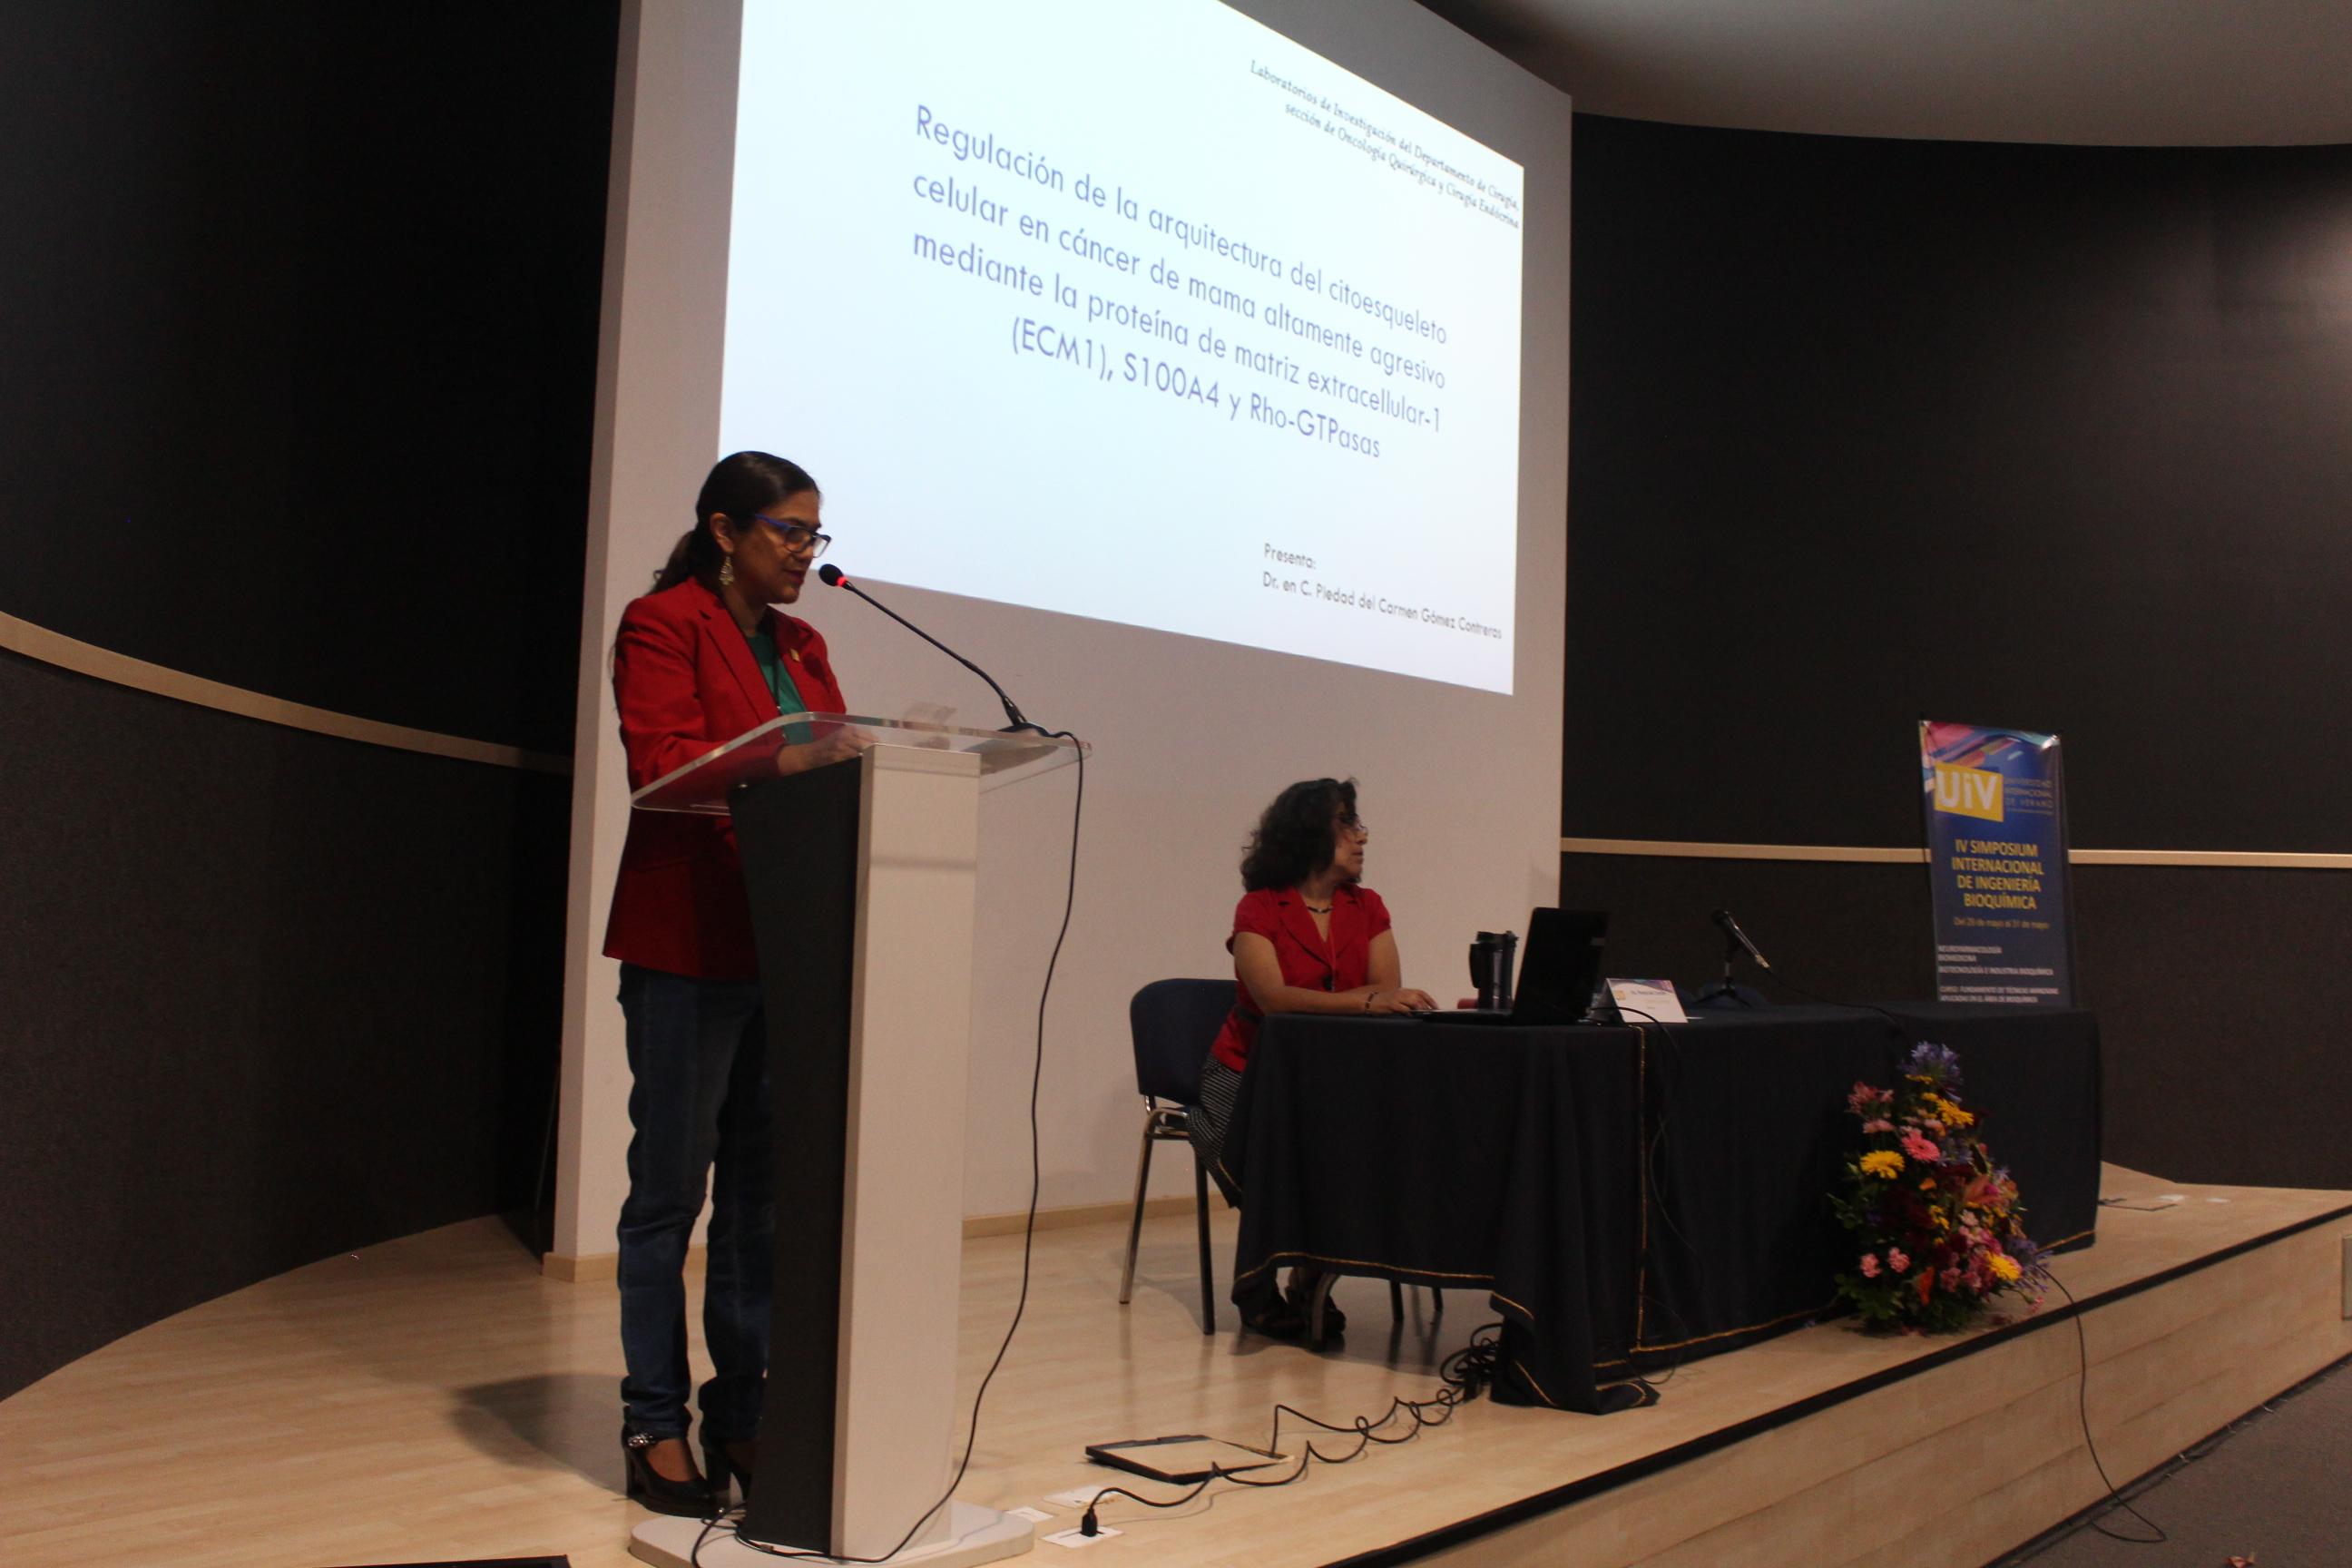 Presentación de una de las ponentes de la jornada dedicada a la Biomedicina